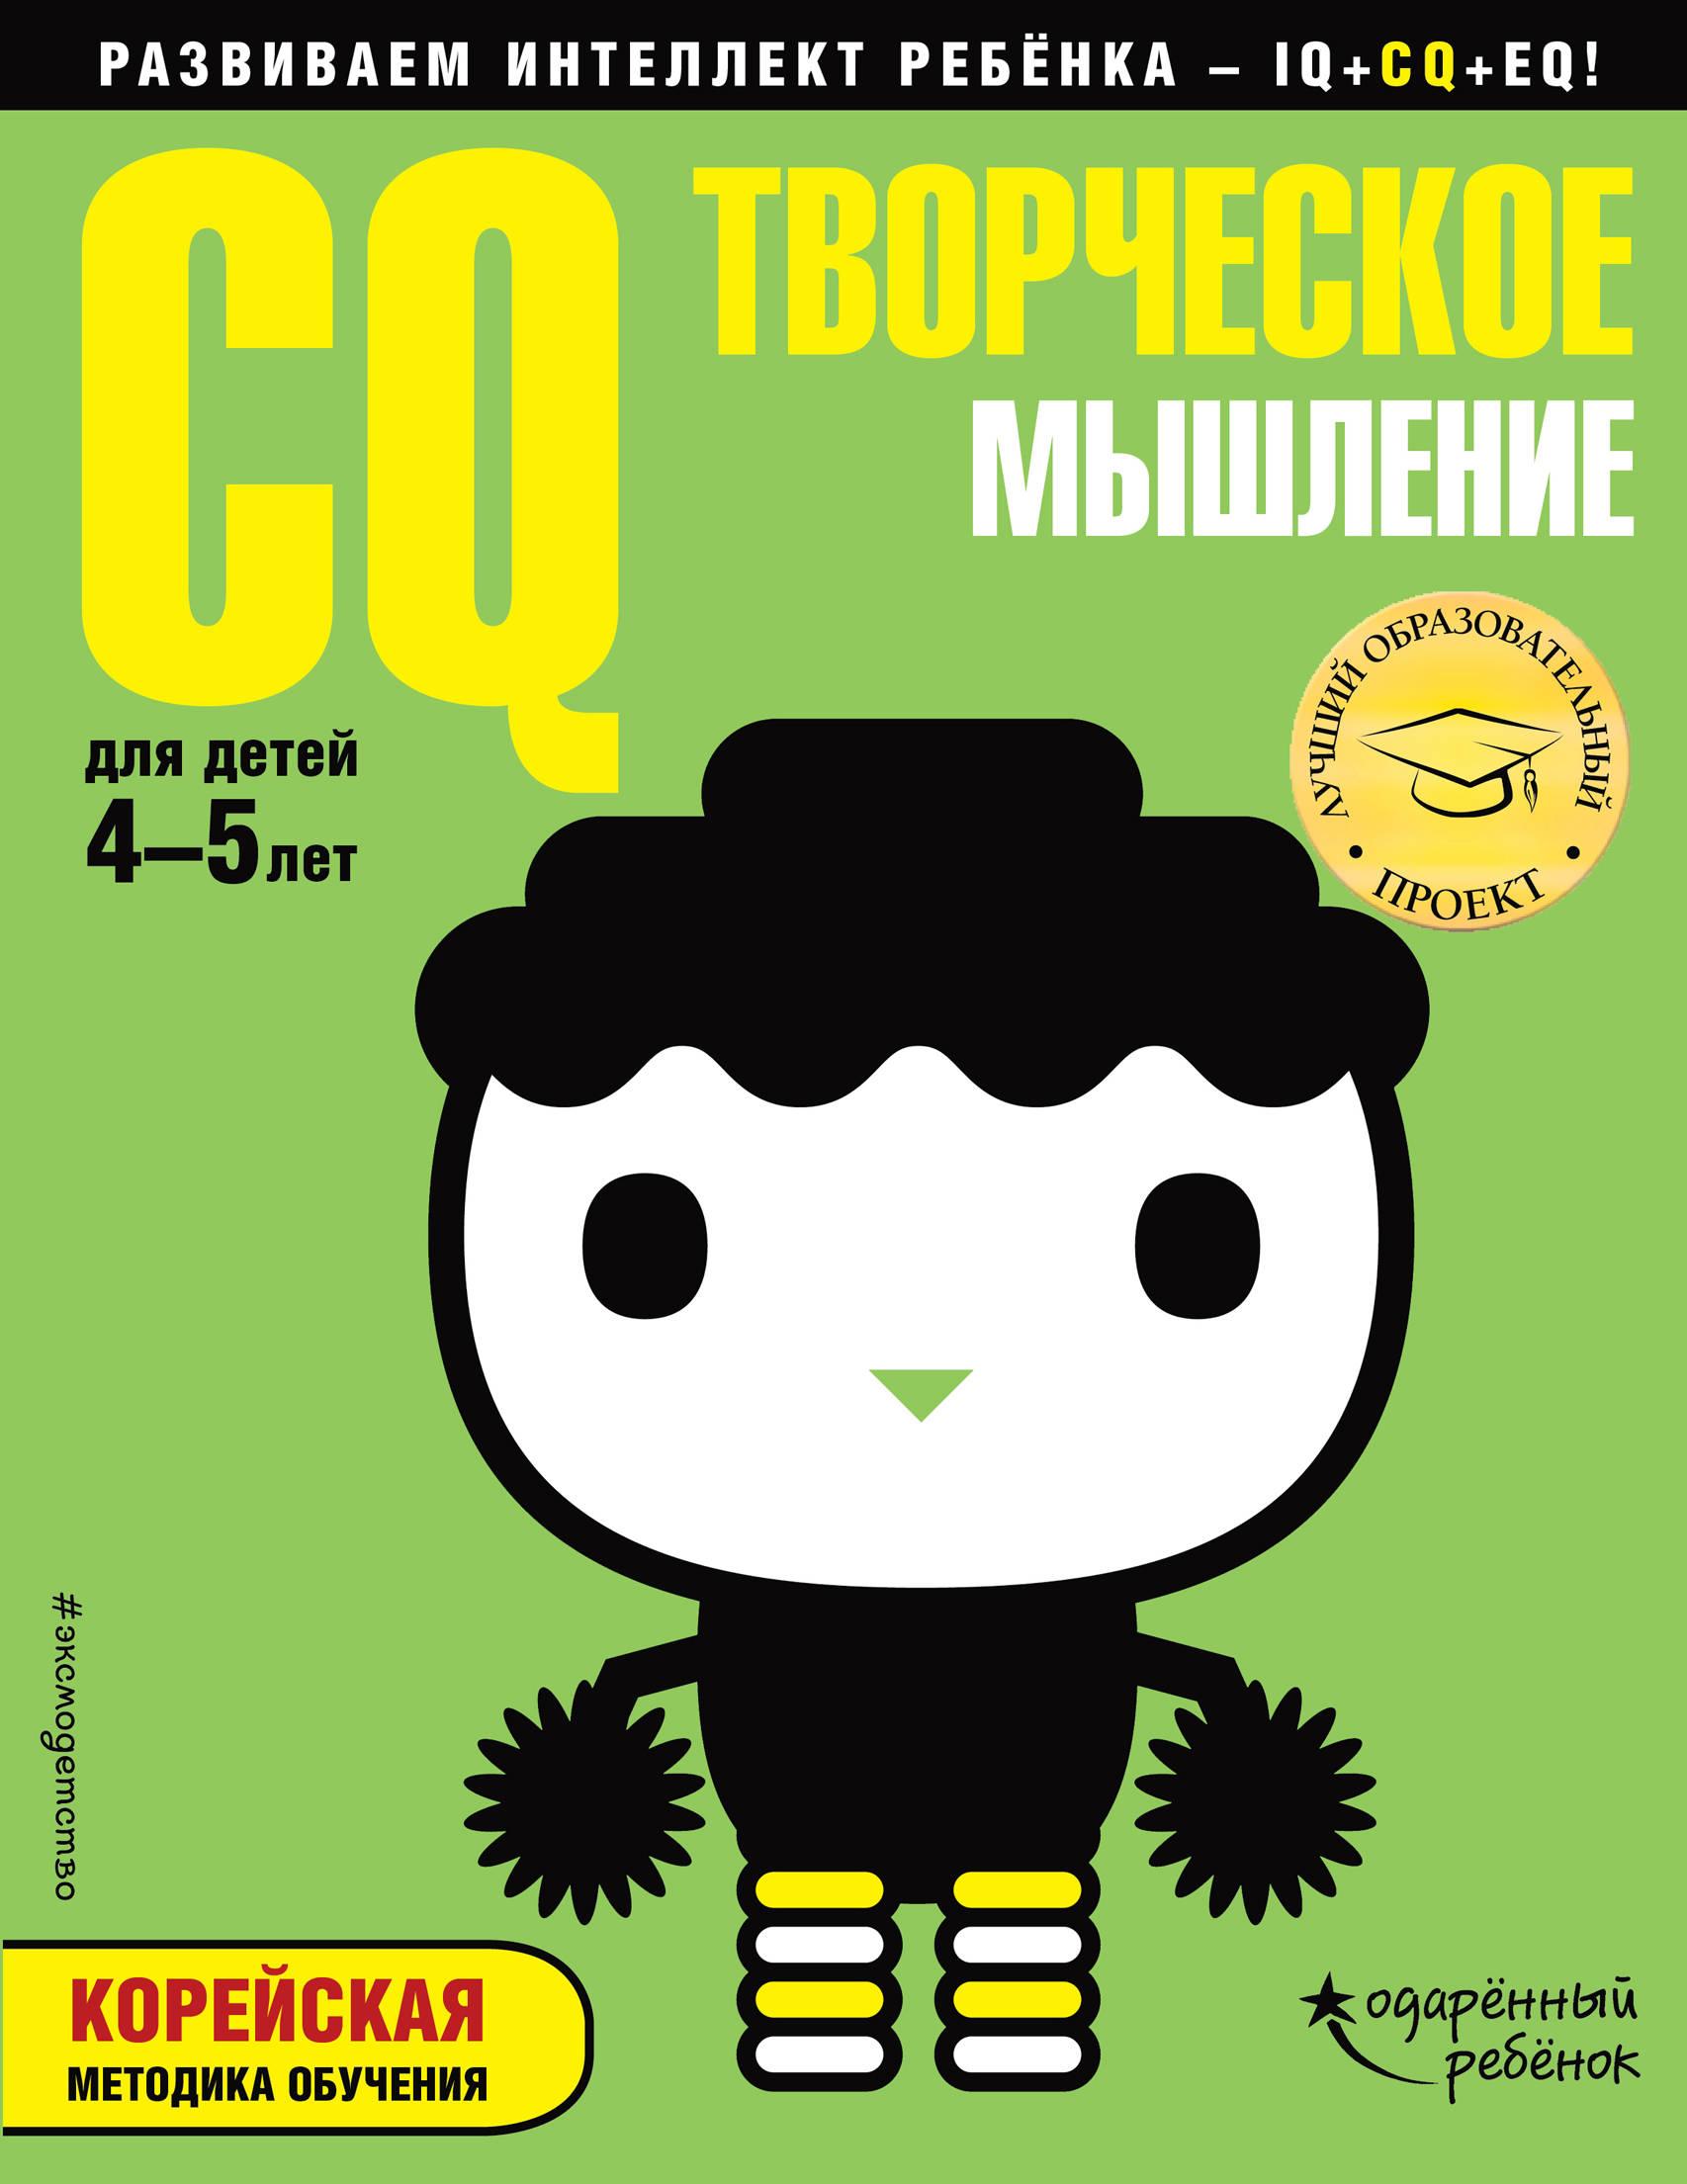 CQ - творческое мышление. Для детей 4-5 лет (+ наклейки) ISBN: 978-5-04-091265-0